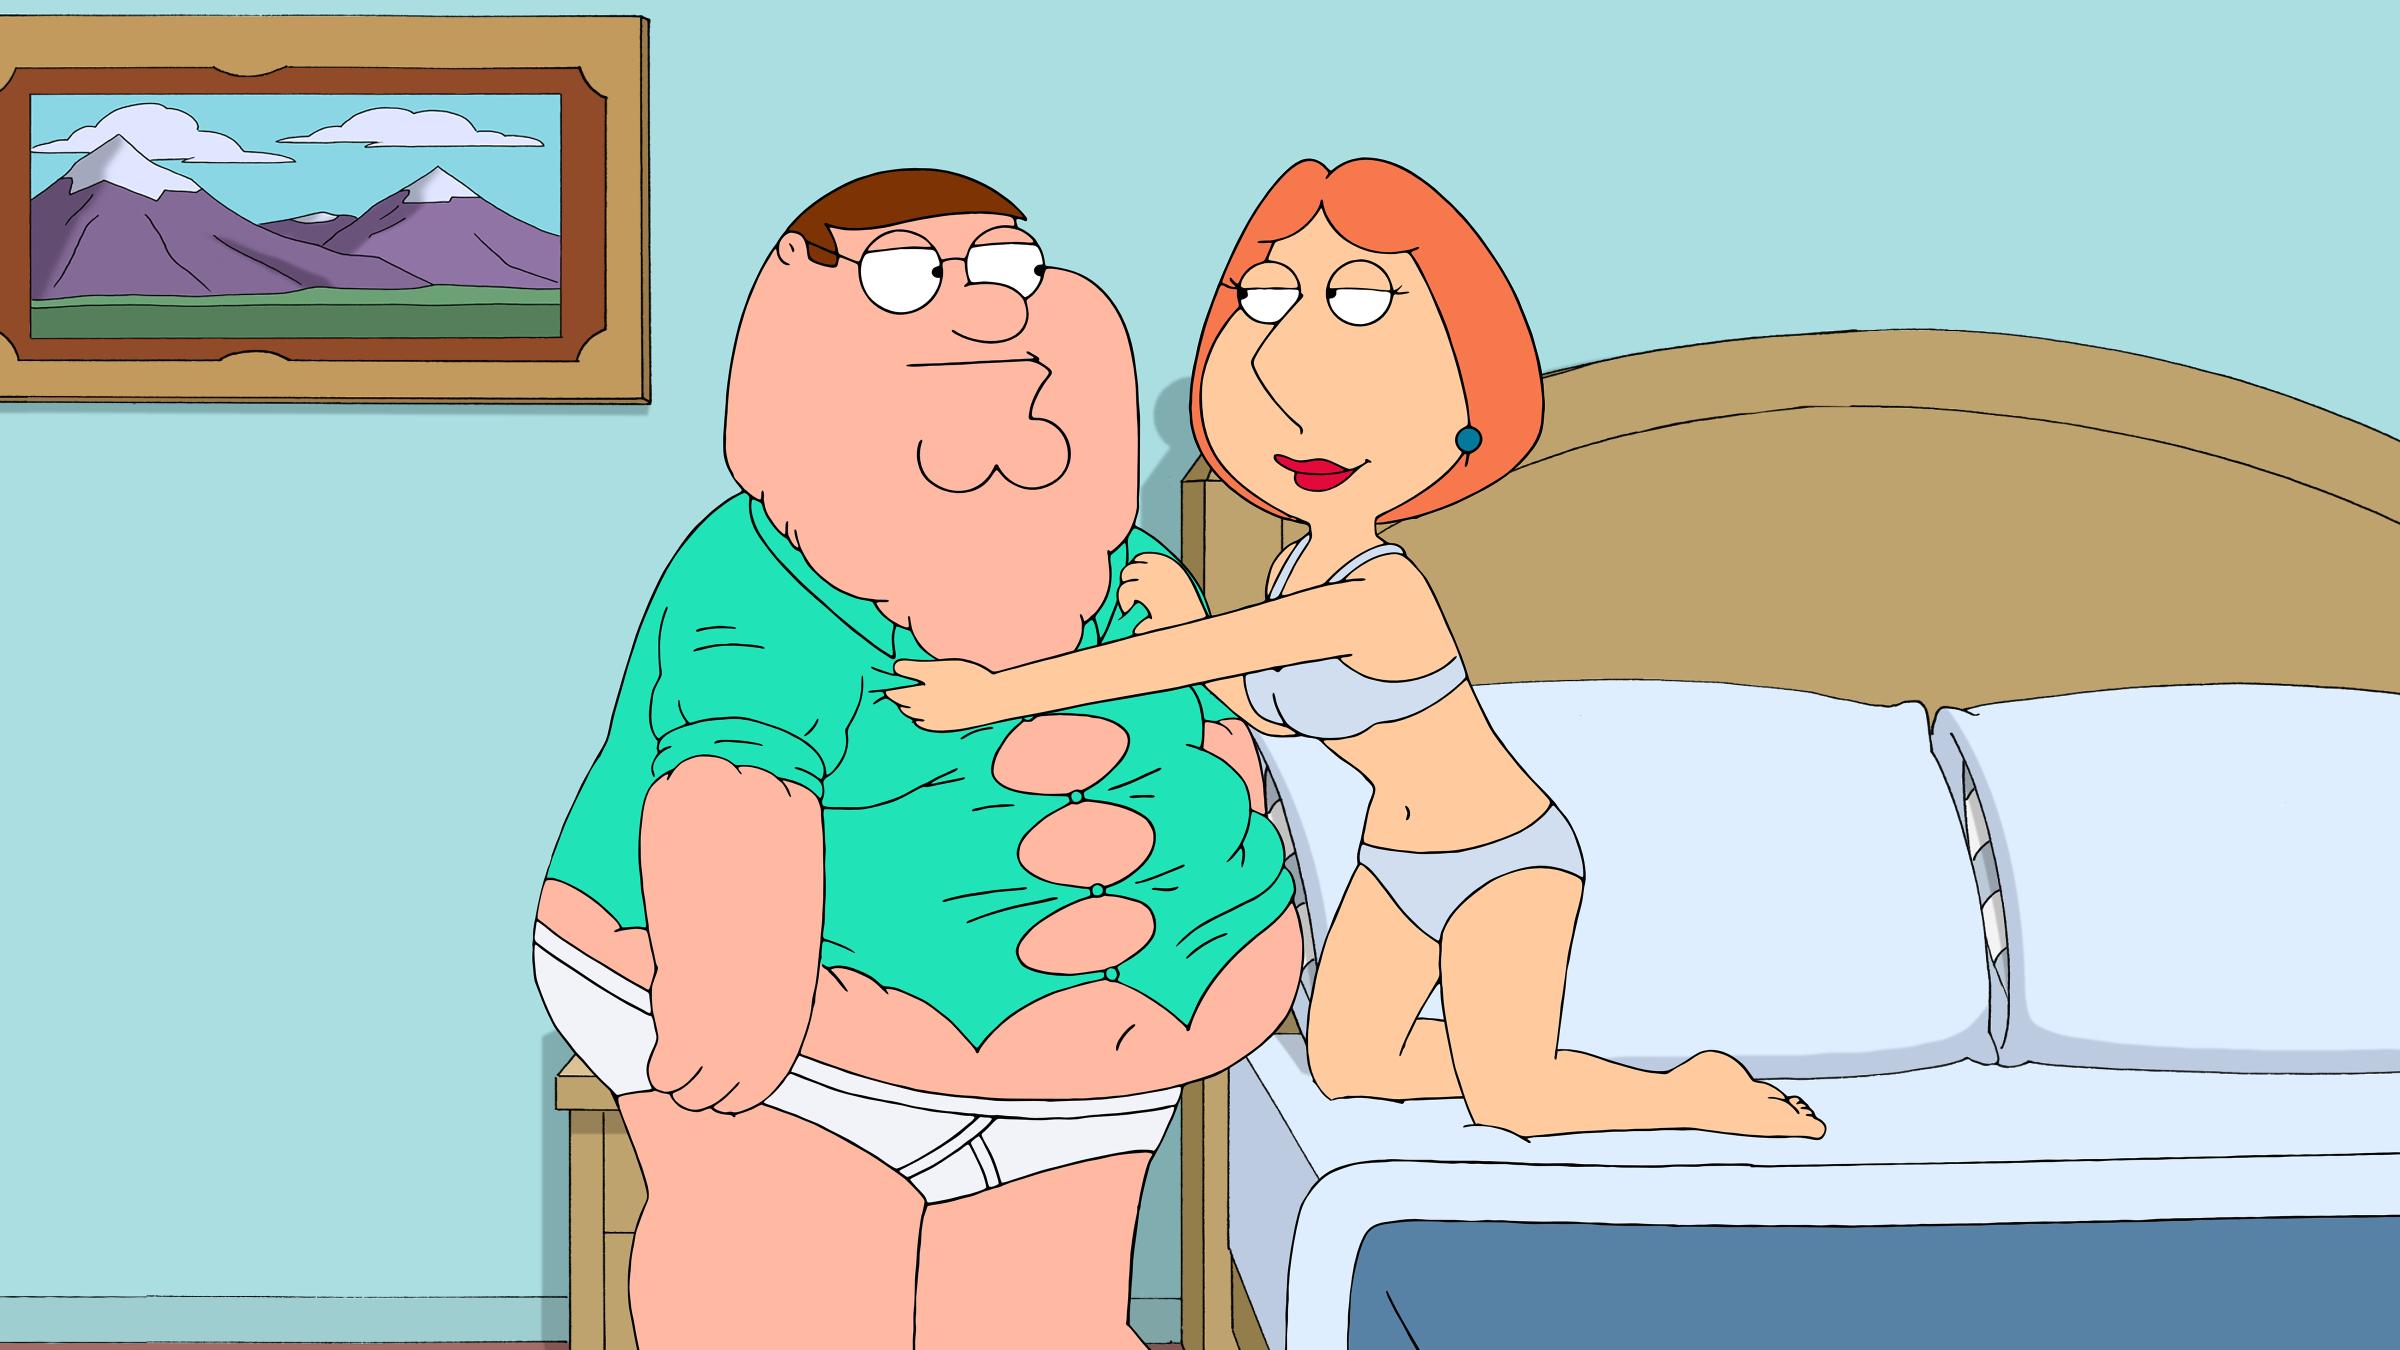 imagenes del pene de los hombres desnudos